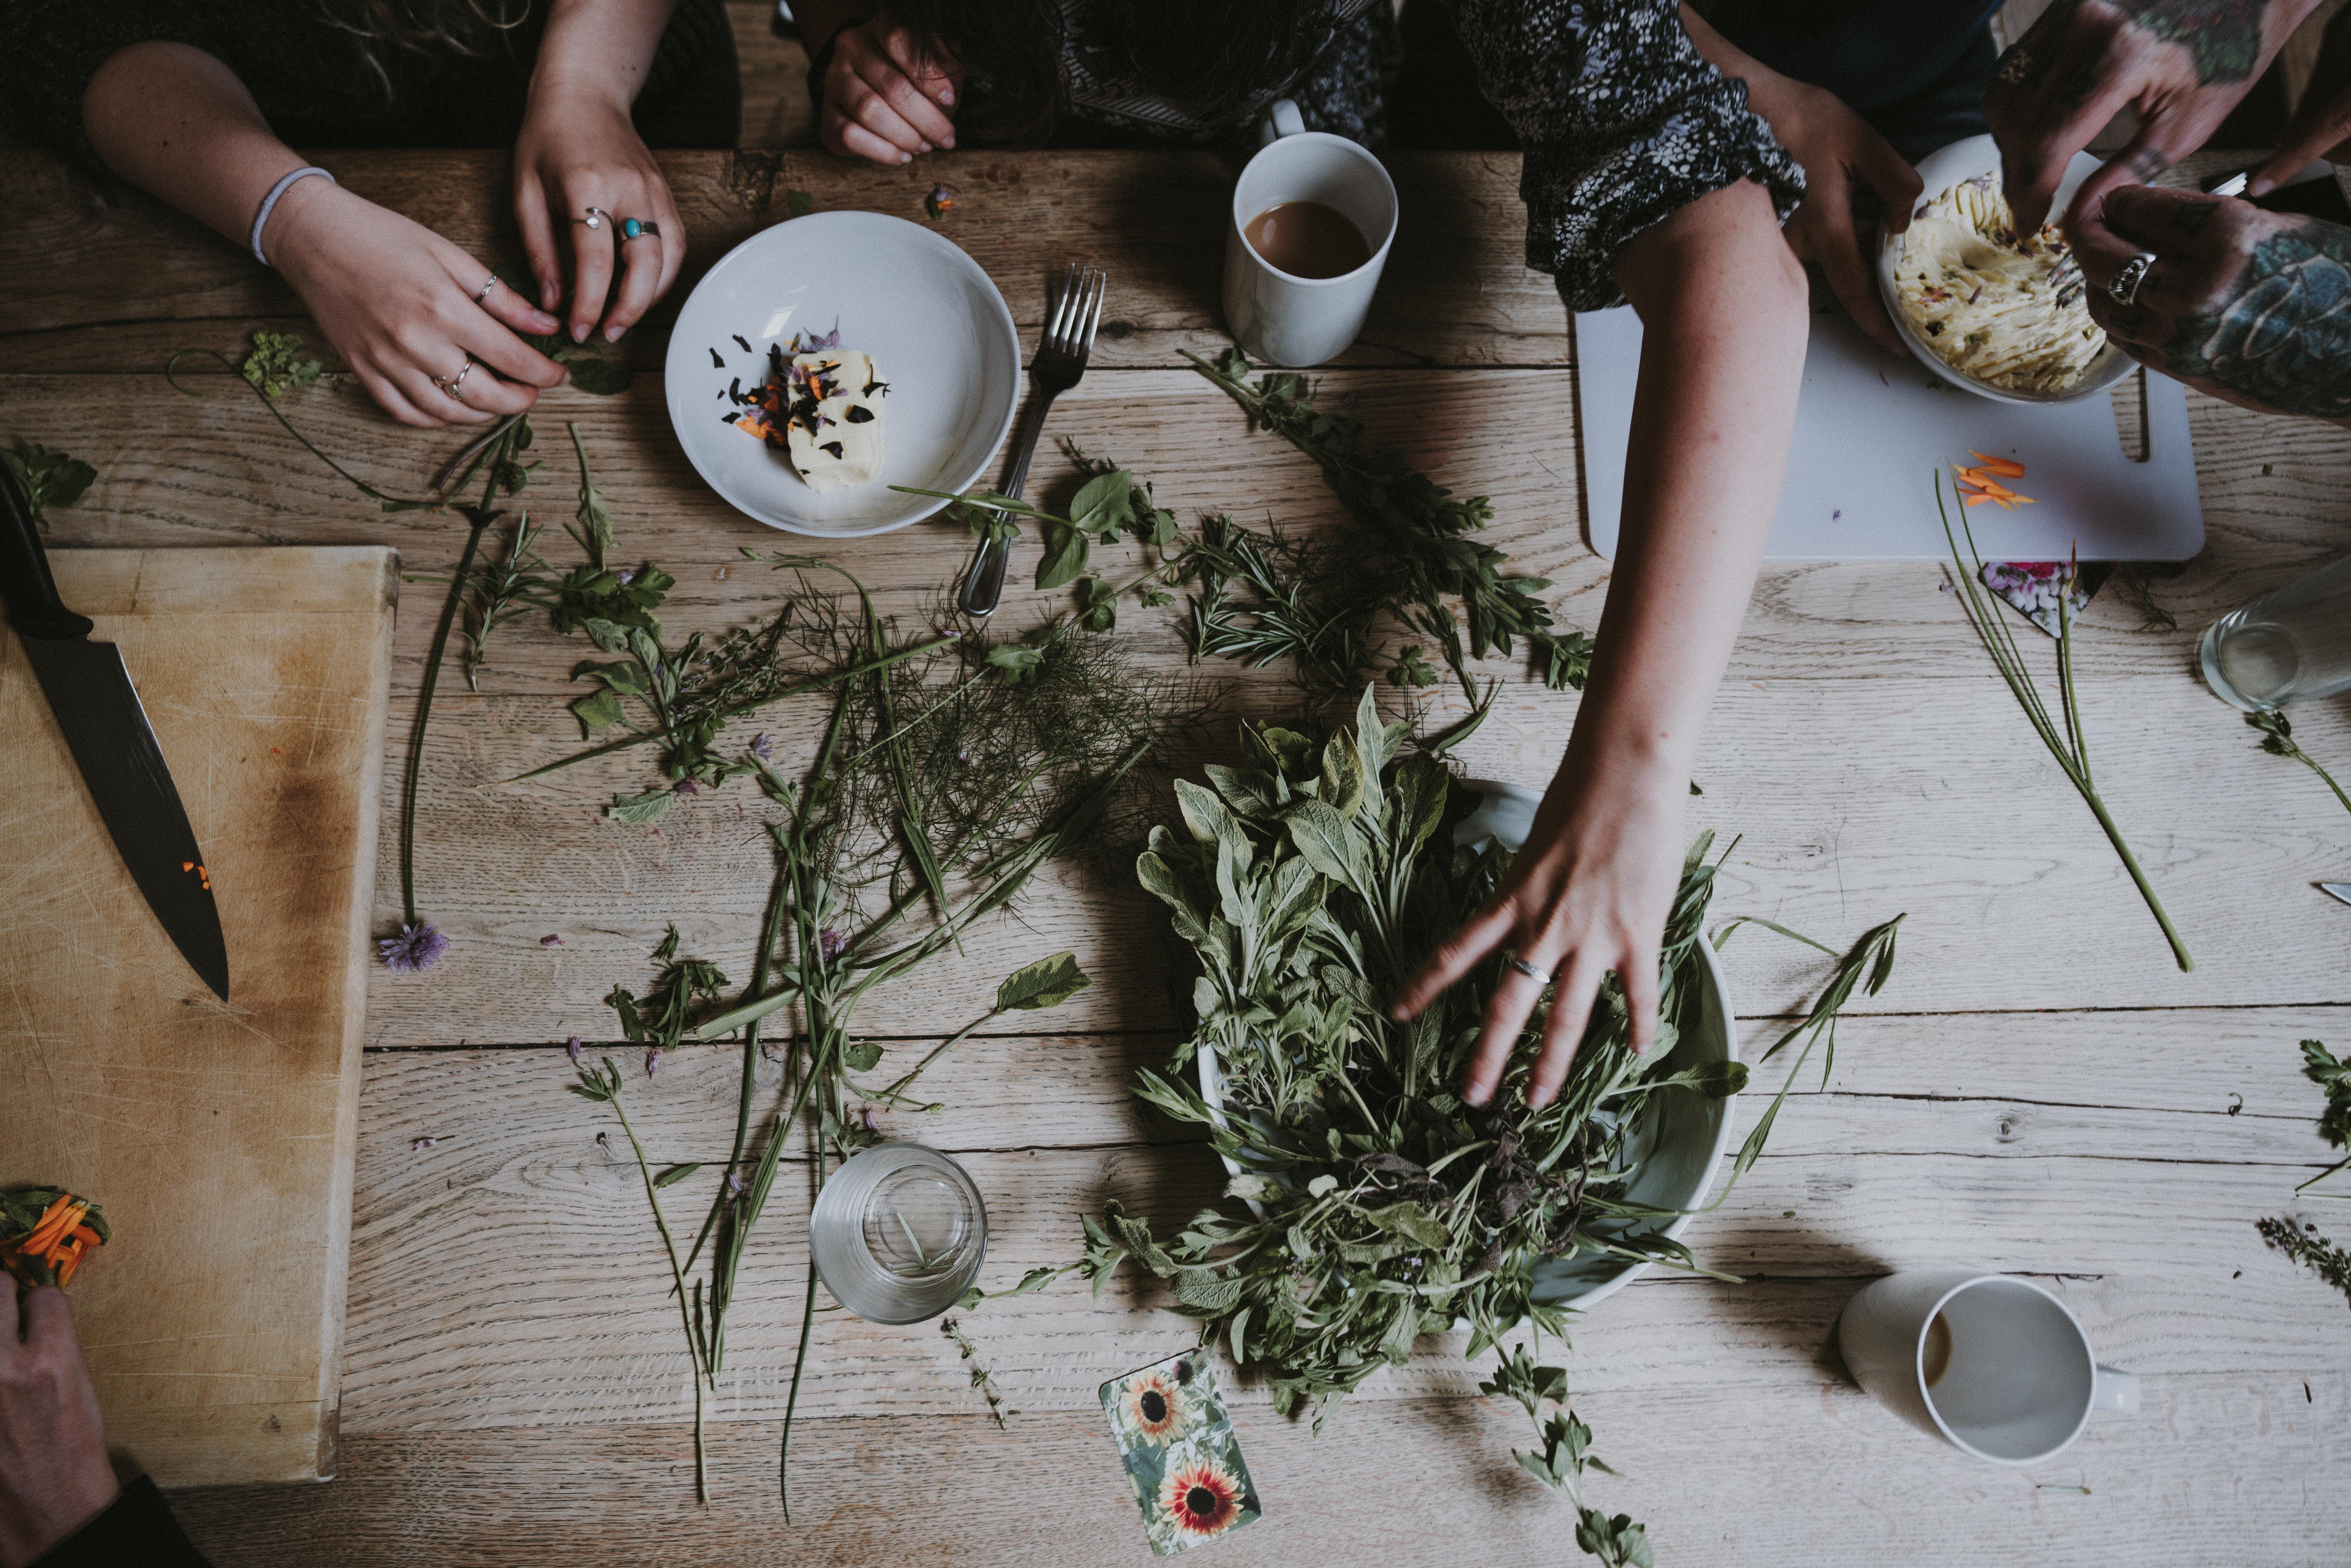 Cataplasmas: tipos, para qué sirven y cómo prepararlas